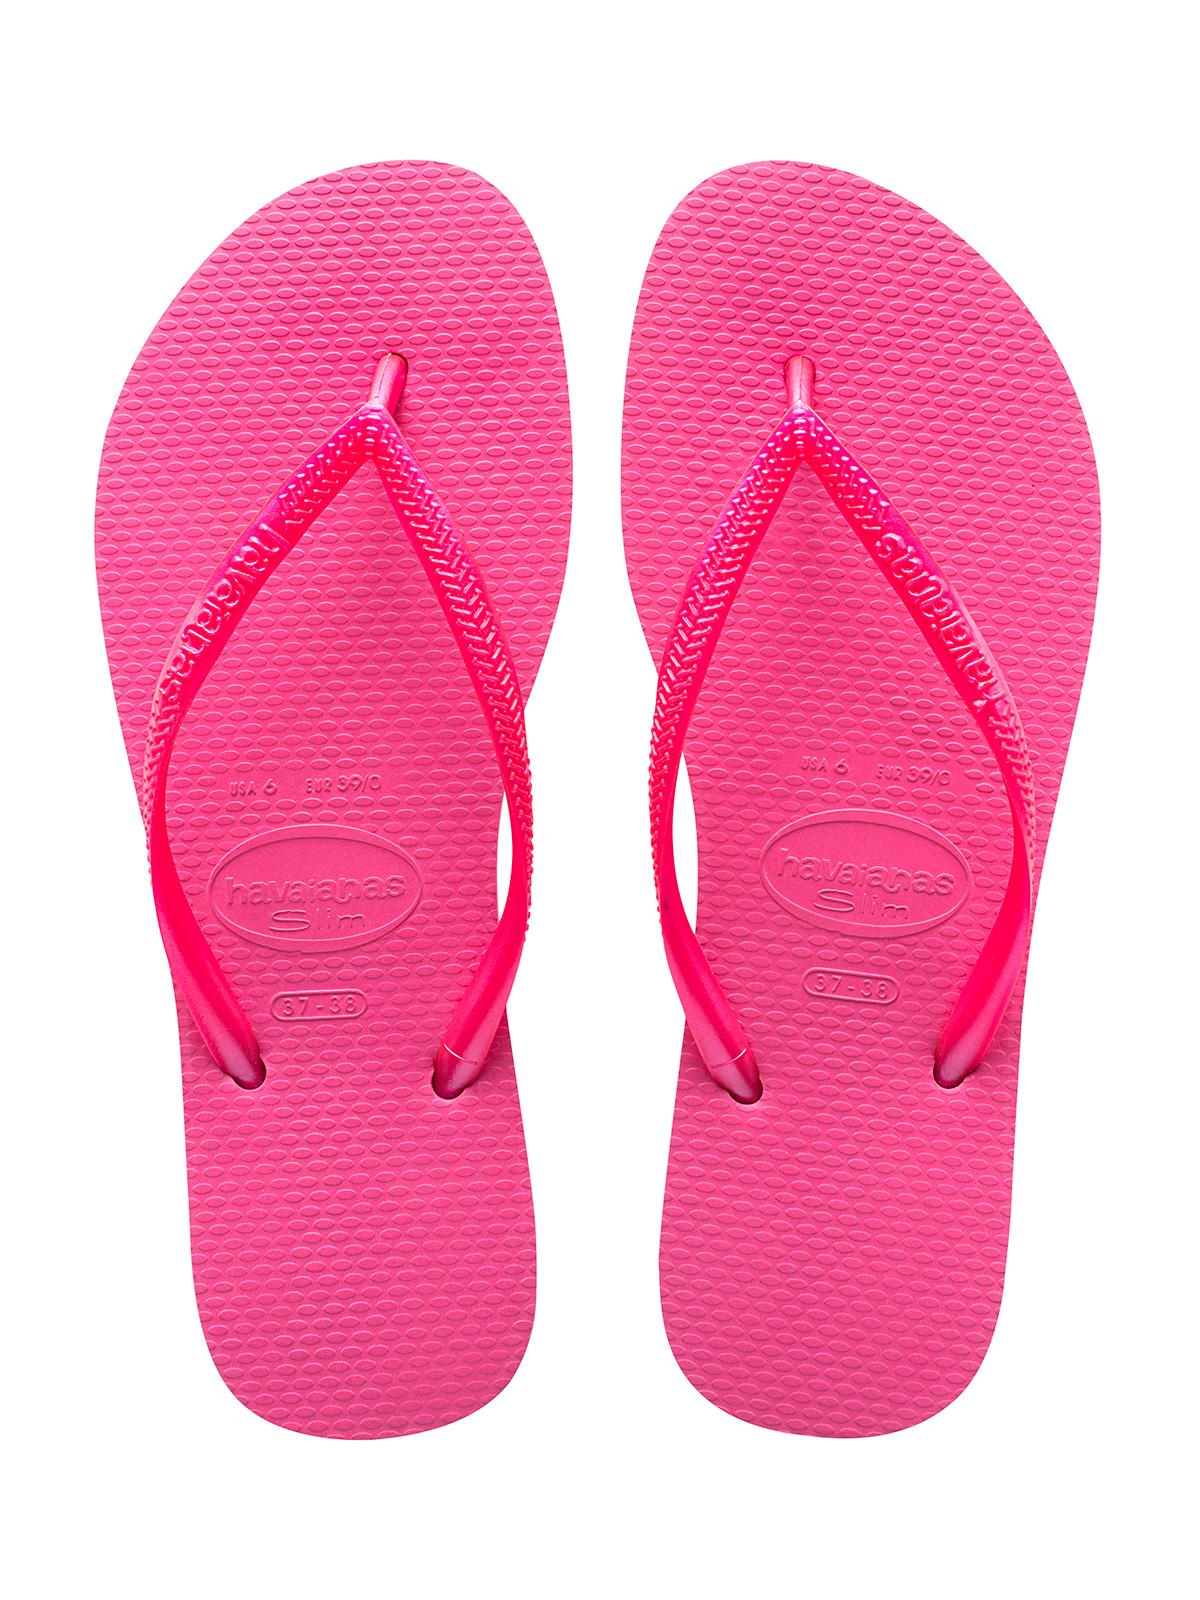 93d3aae7929c4 Flip-Flops Bright Pink Havaianas Flip-flops - Slim Shocking Pink